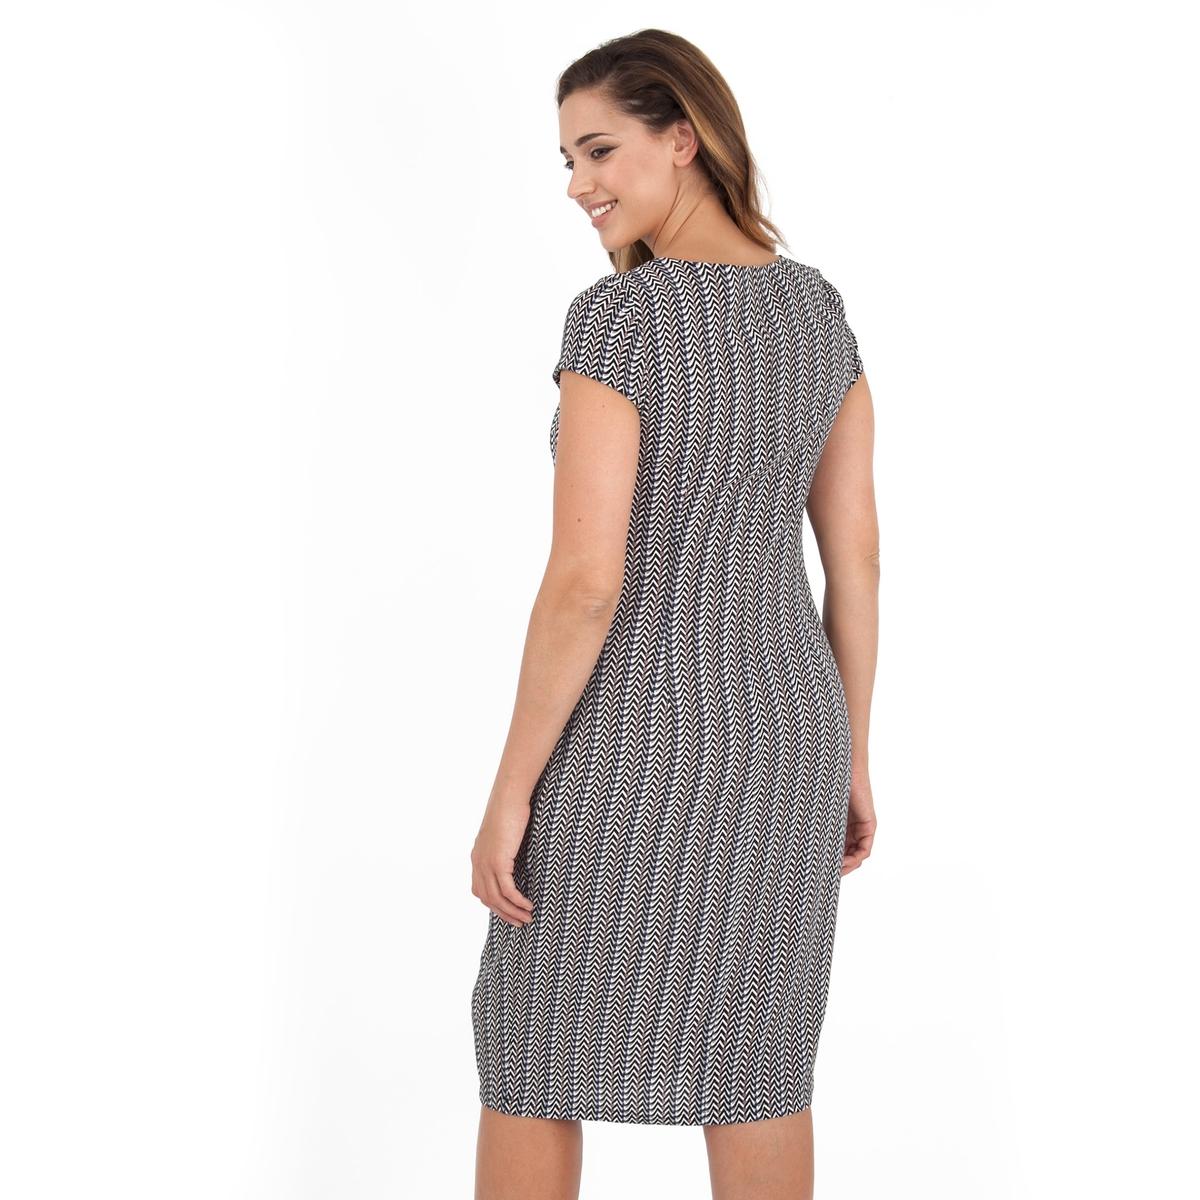 ПлатьеПлатье с короткими рукавами - LOVEDROBE. Круглый вырез. Длина ок.104 см. 100% полиэстера.<br><br>Цвет: набивной рисунок<br>Размер: 46 (FR) - 52 (RUS)